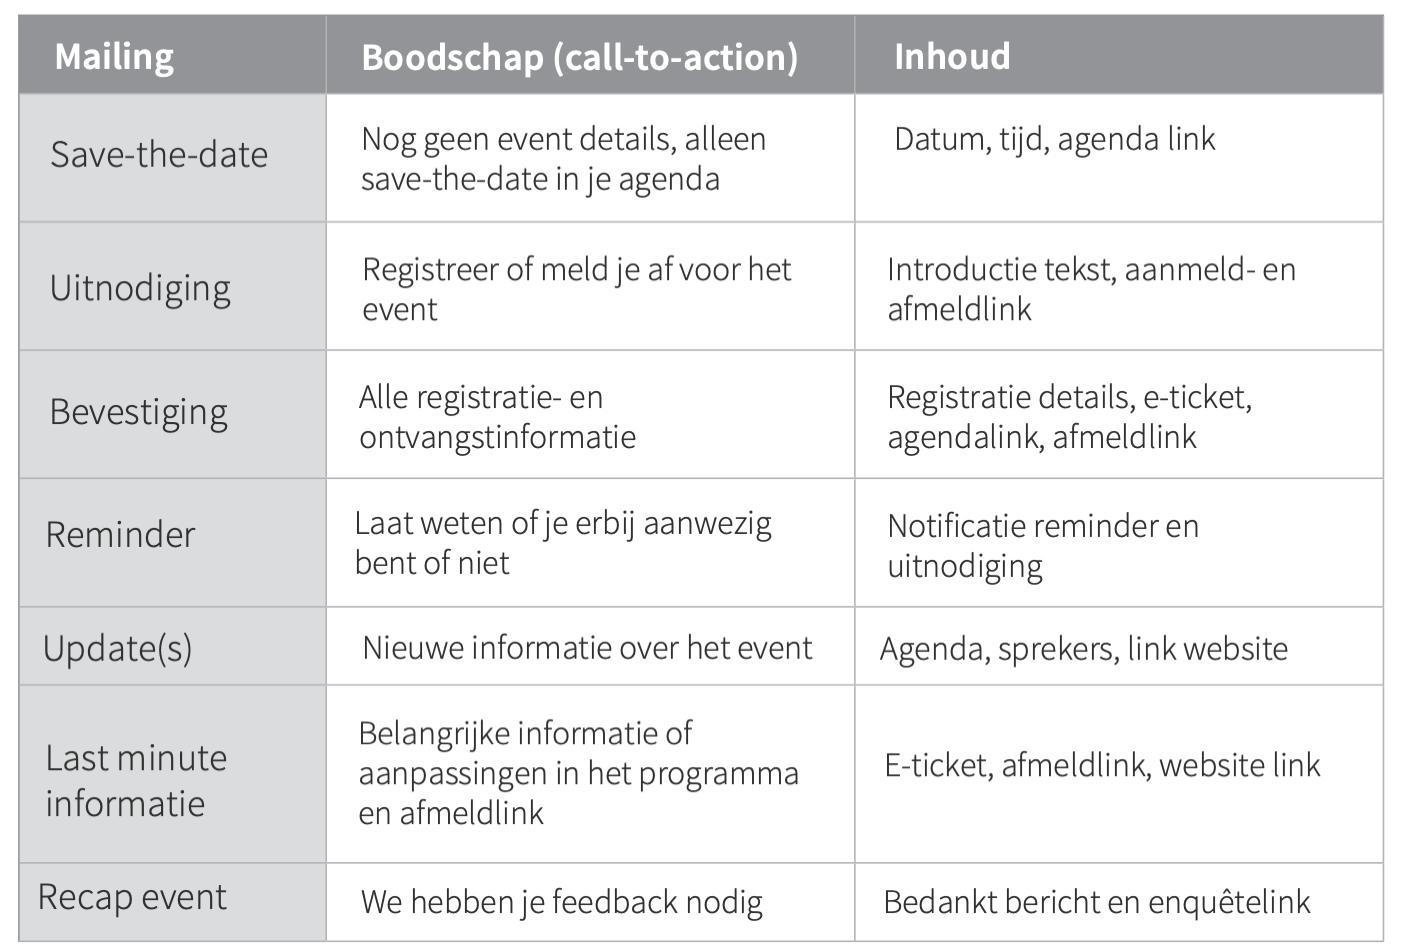 Tabel_Voorbeeld_Mailings